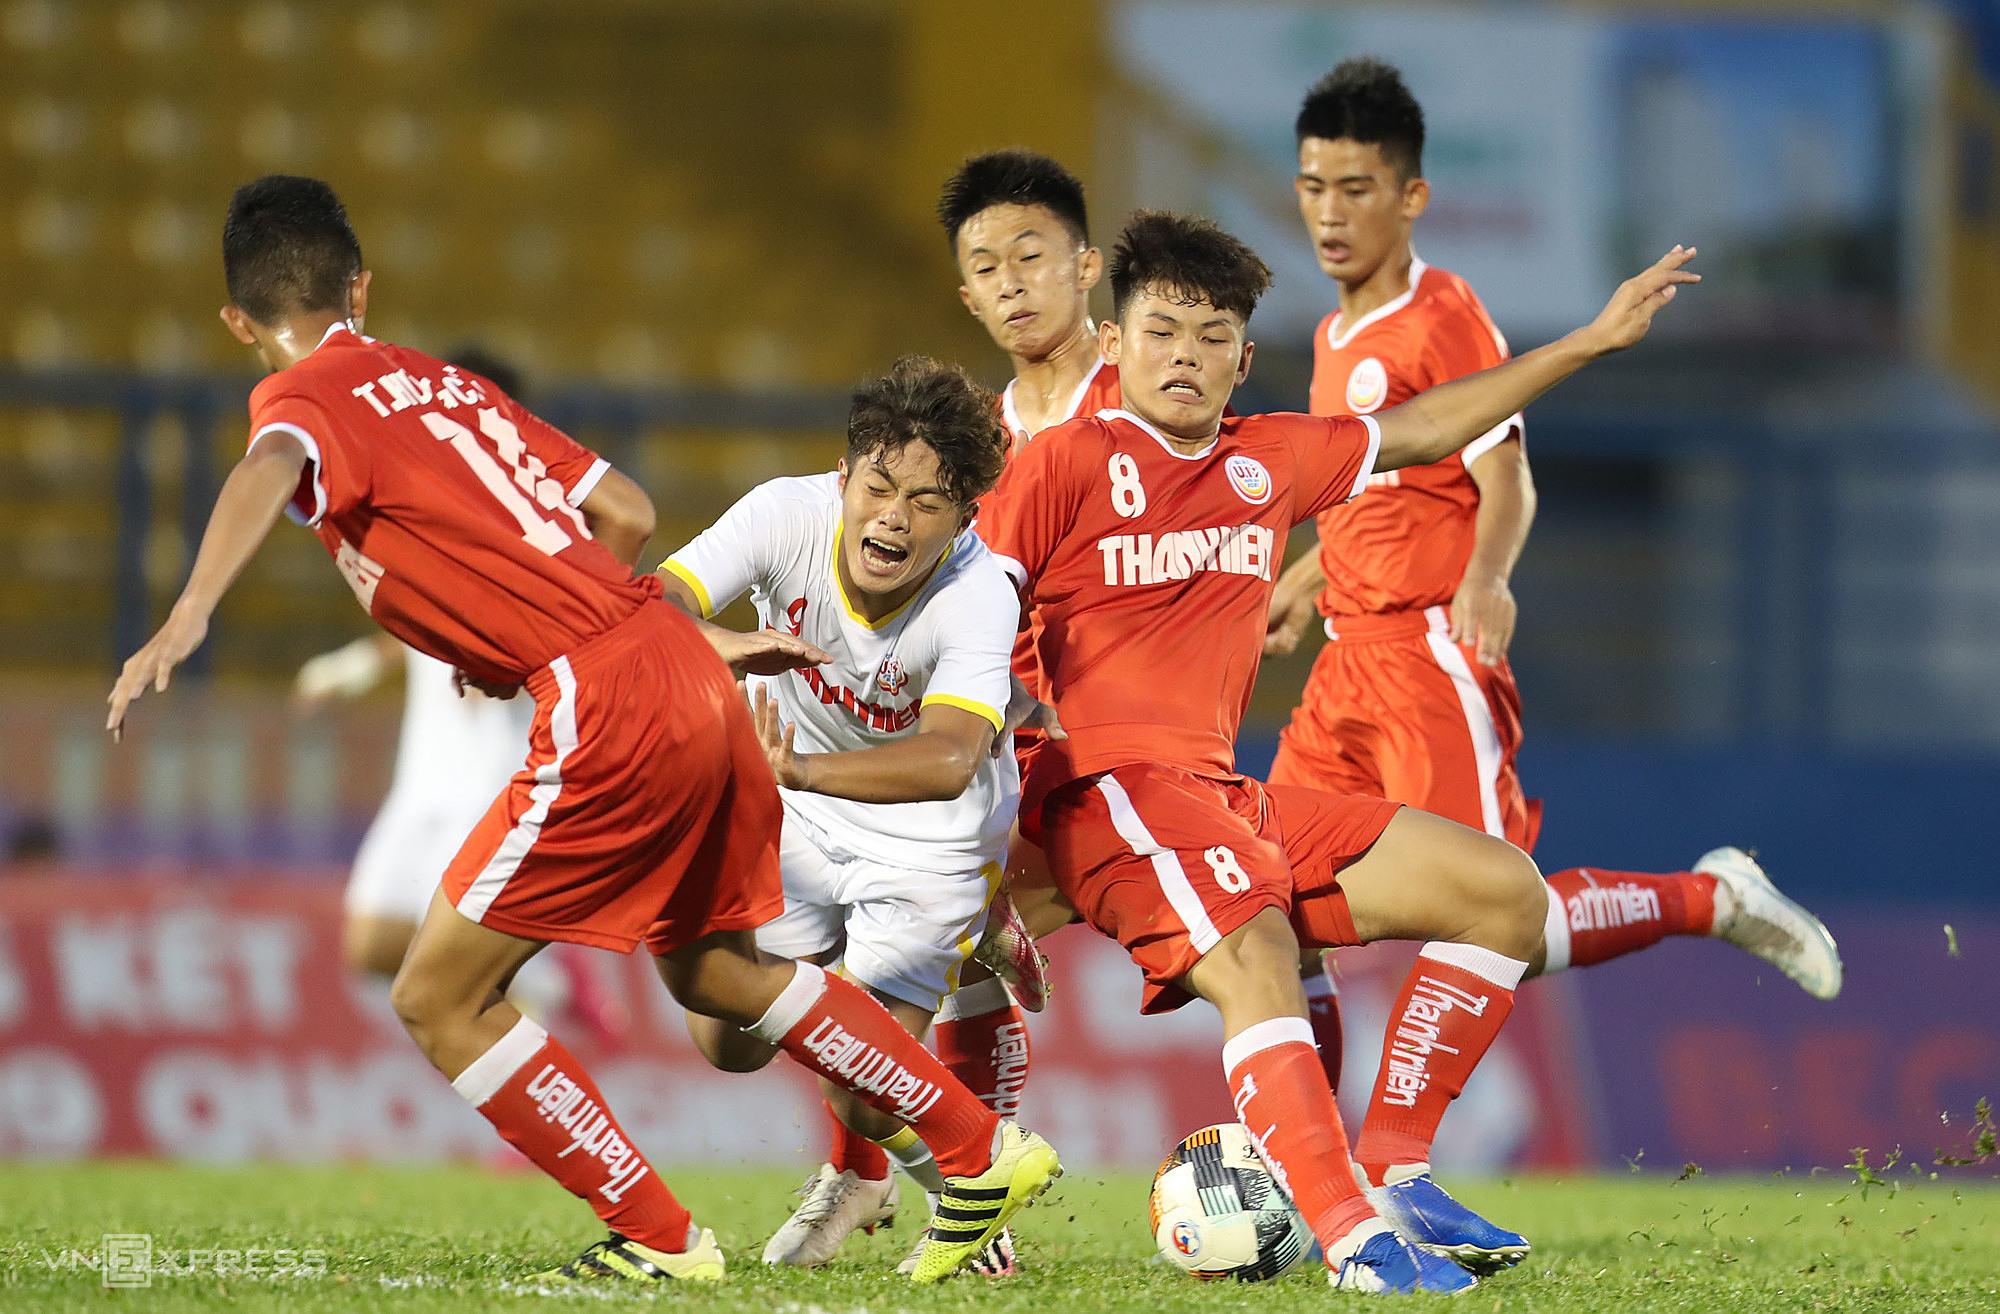 แม้จะมีปัญหามากมายในการเผชิญหน้ากับคู่แข่งอย่าง U19 NutiFood (เสื้อเชิ้ตสีขาว) แต่ในไม่ช้าเขาก็ยังได้รับตั๋วเข้าสู่รอบก่อนรองชนะเลิศ  ภาพ: Duc Dong